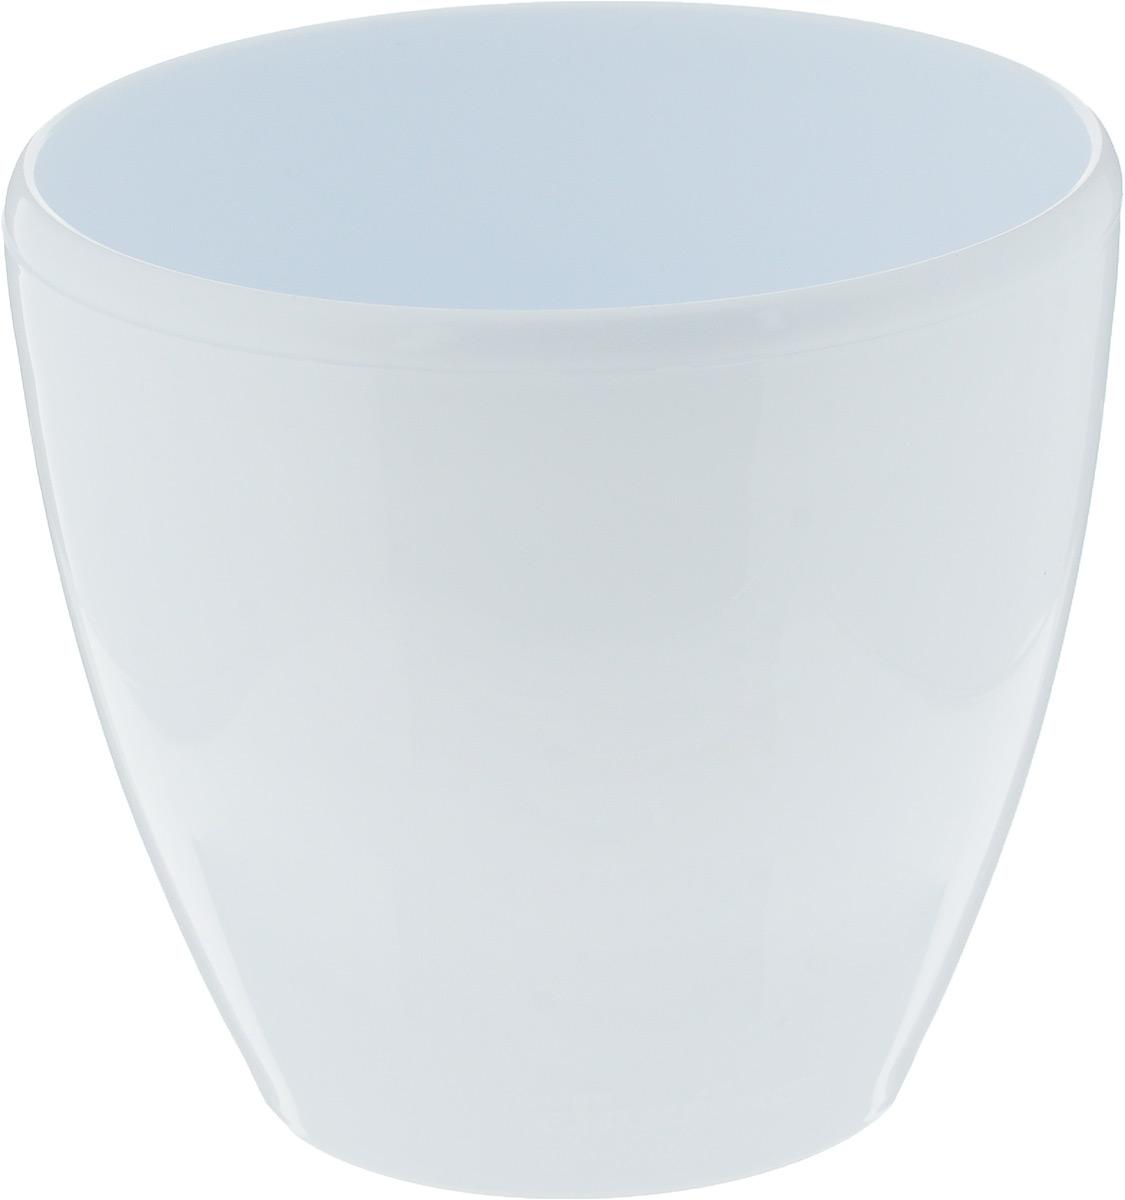 Горшок цветочный Santino Deco Twin, с системой автополива, цвет: белый, 1,5 л холодильник samsung rs4000 с двухконтурной системой twin cooling 569 л